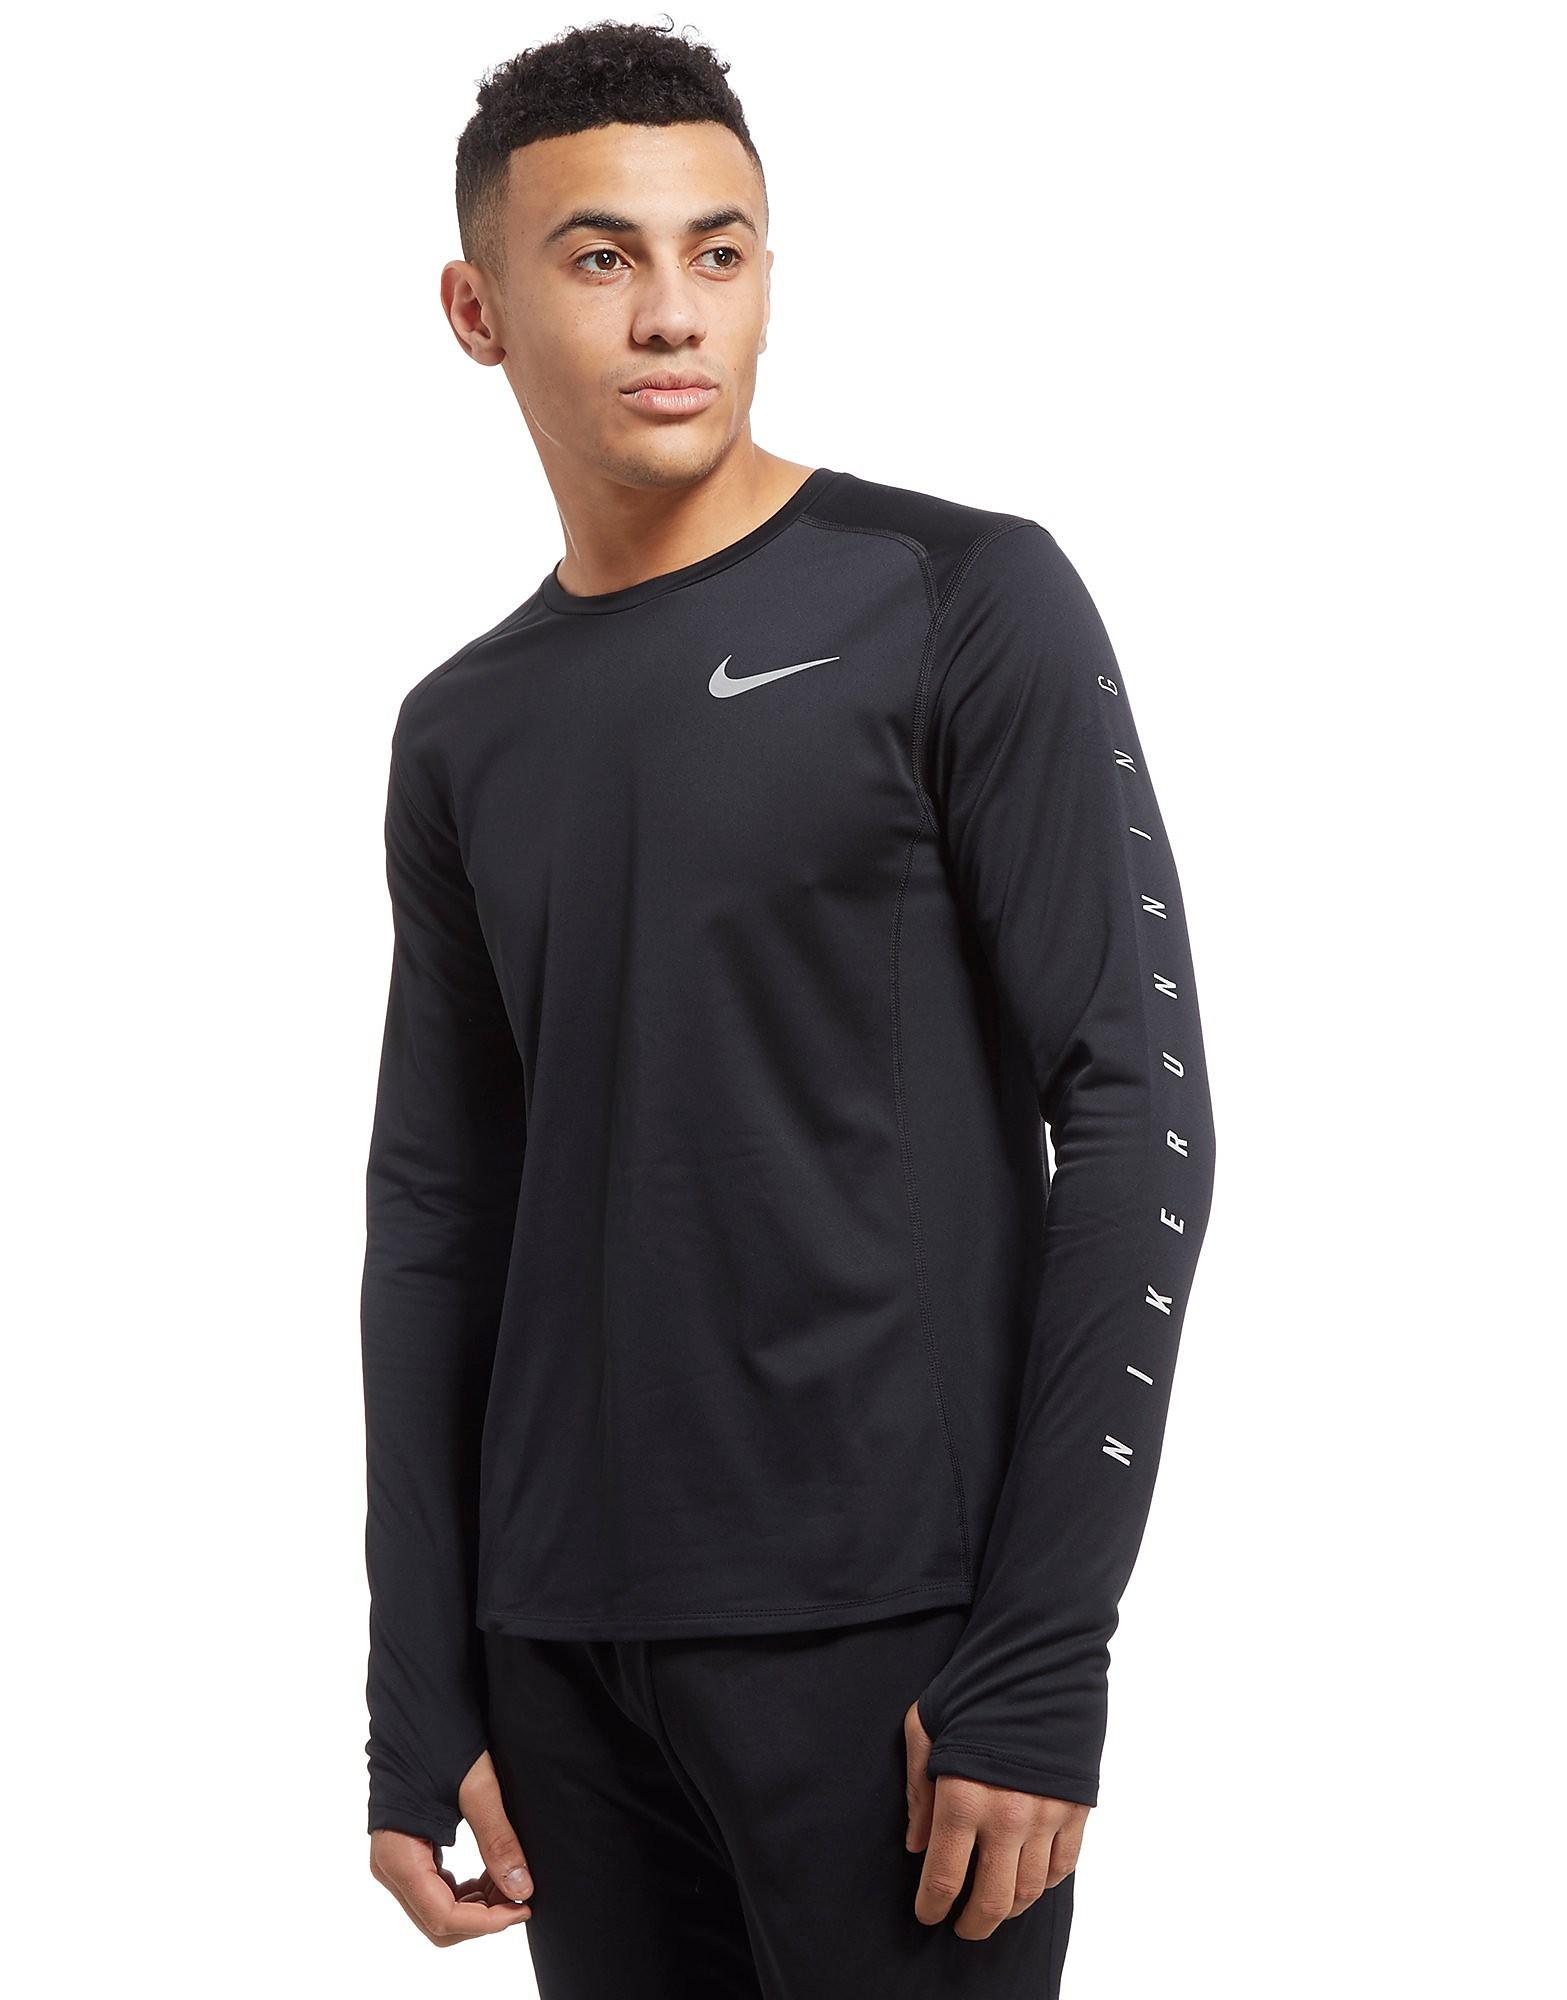 Nike Miler Flash Running Top